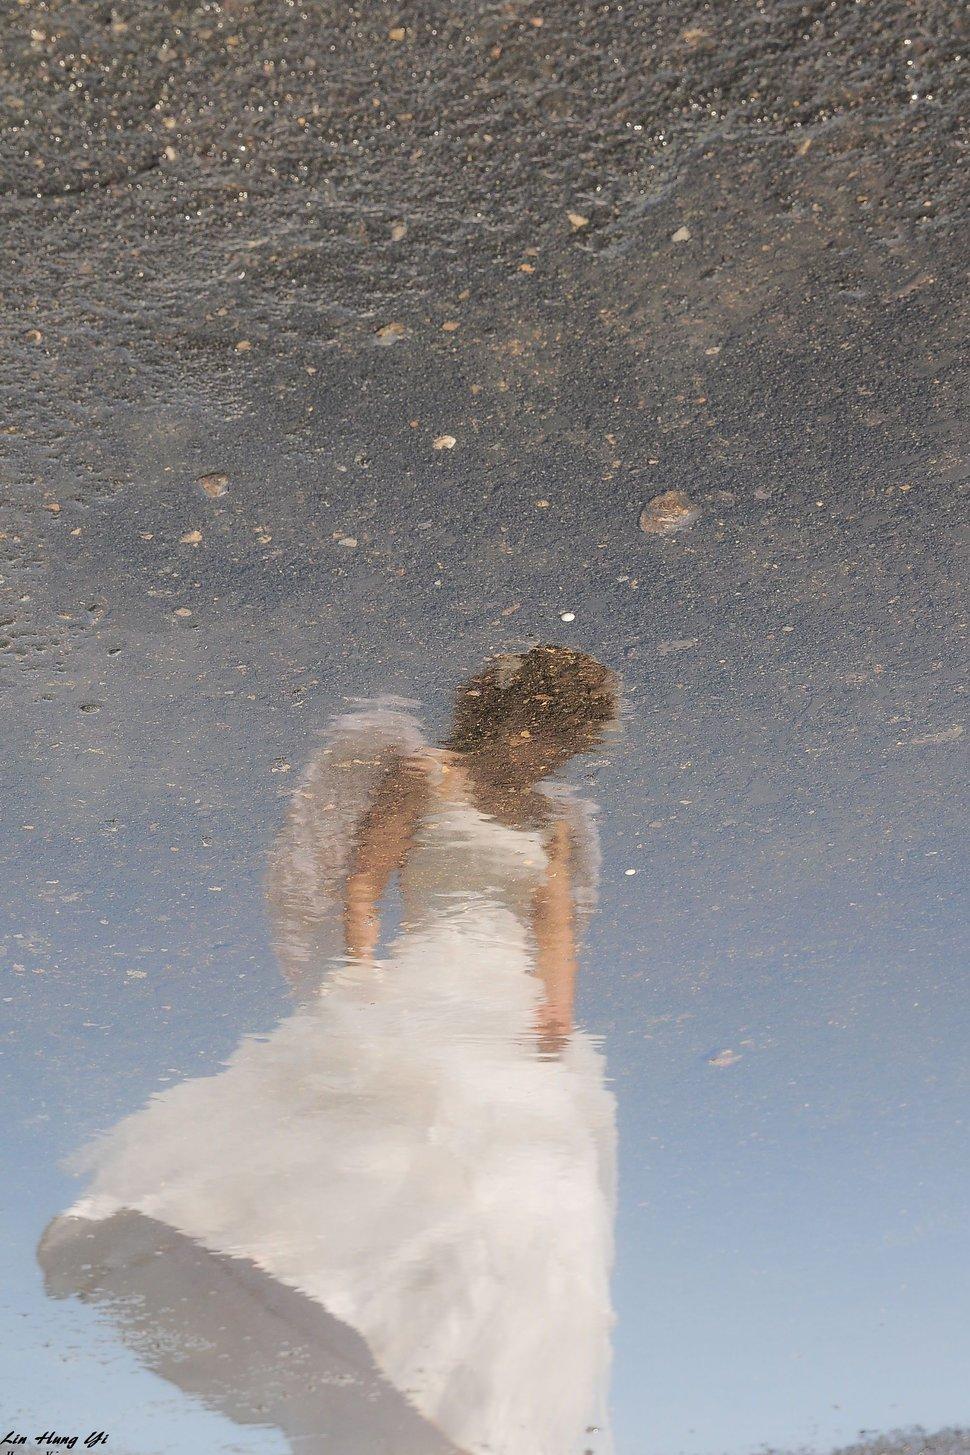 dsc_0800_38356483786_o - 小林哥Hung YI攝影工作室《結婚吧》